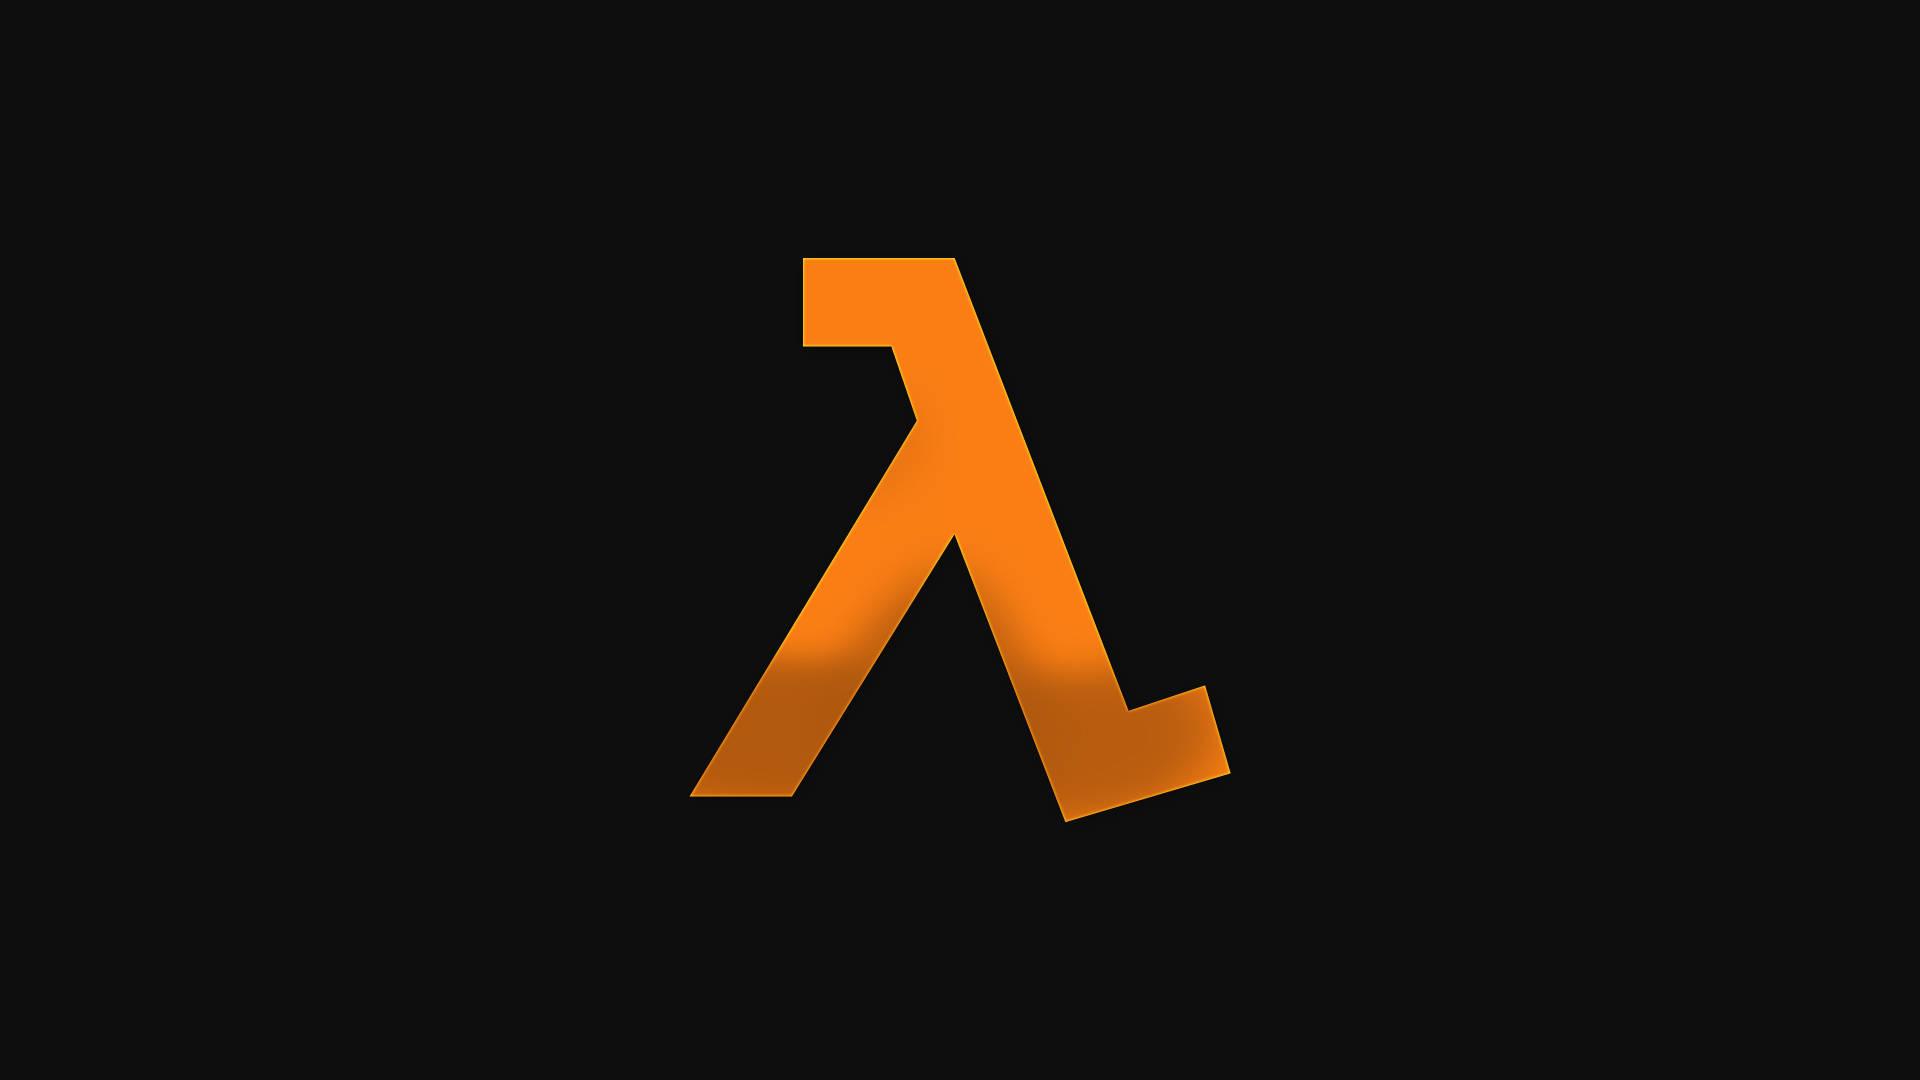 Il simbolo Lambda di Half-Life